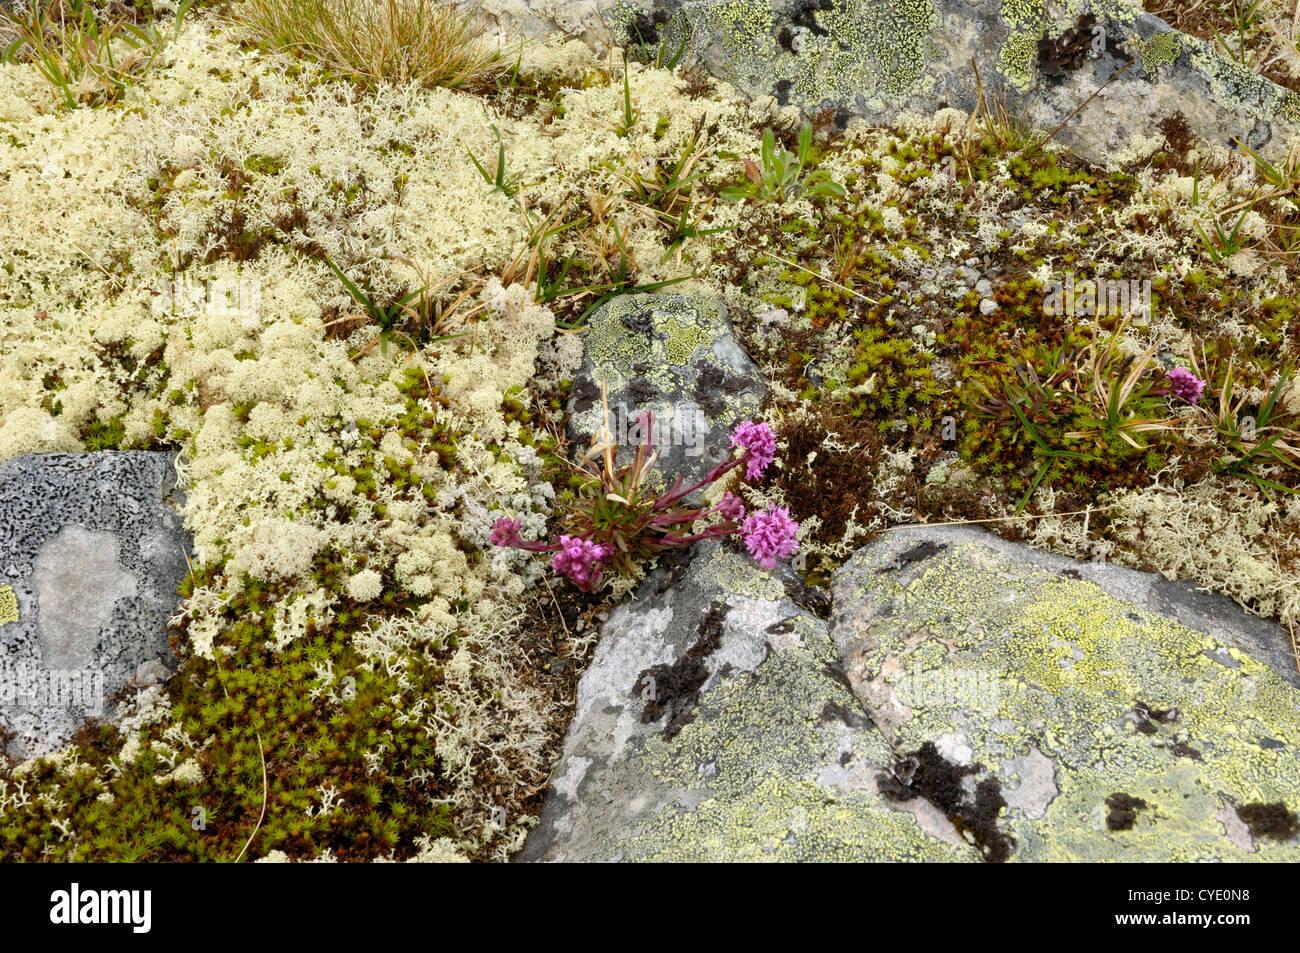 Lichen in the Jotunheimen mountains, near Hervassbu, Sogn og Fjordane, Norway - Stock Image